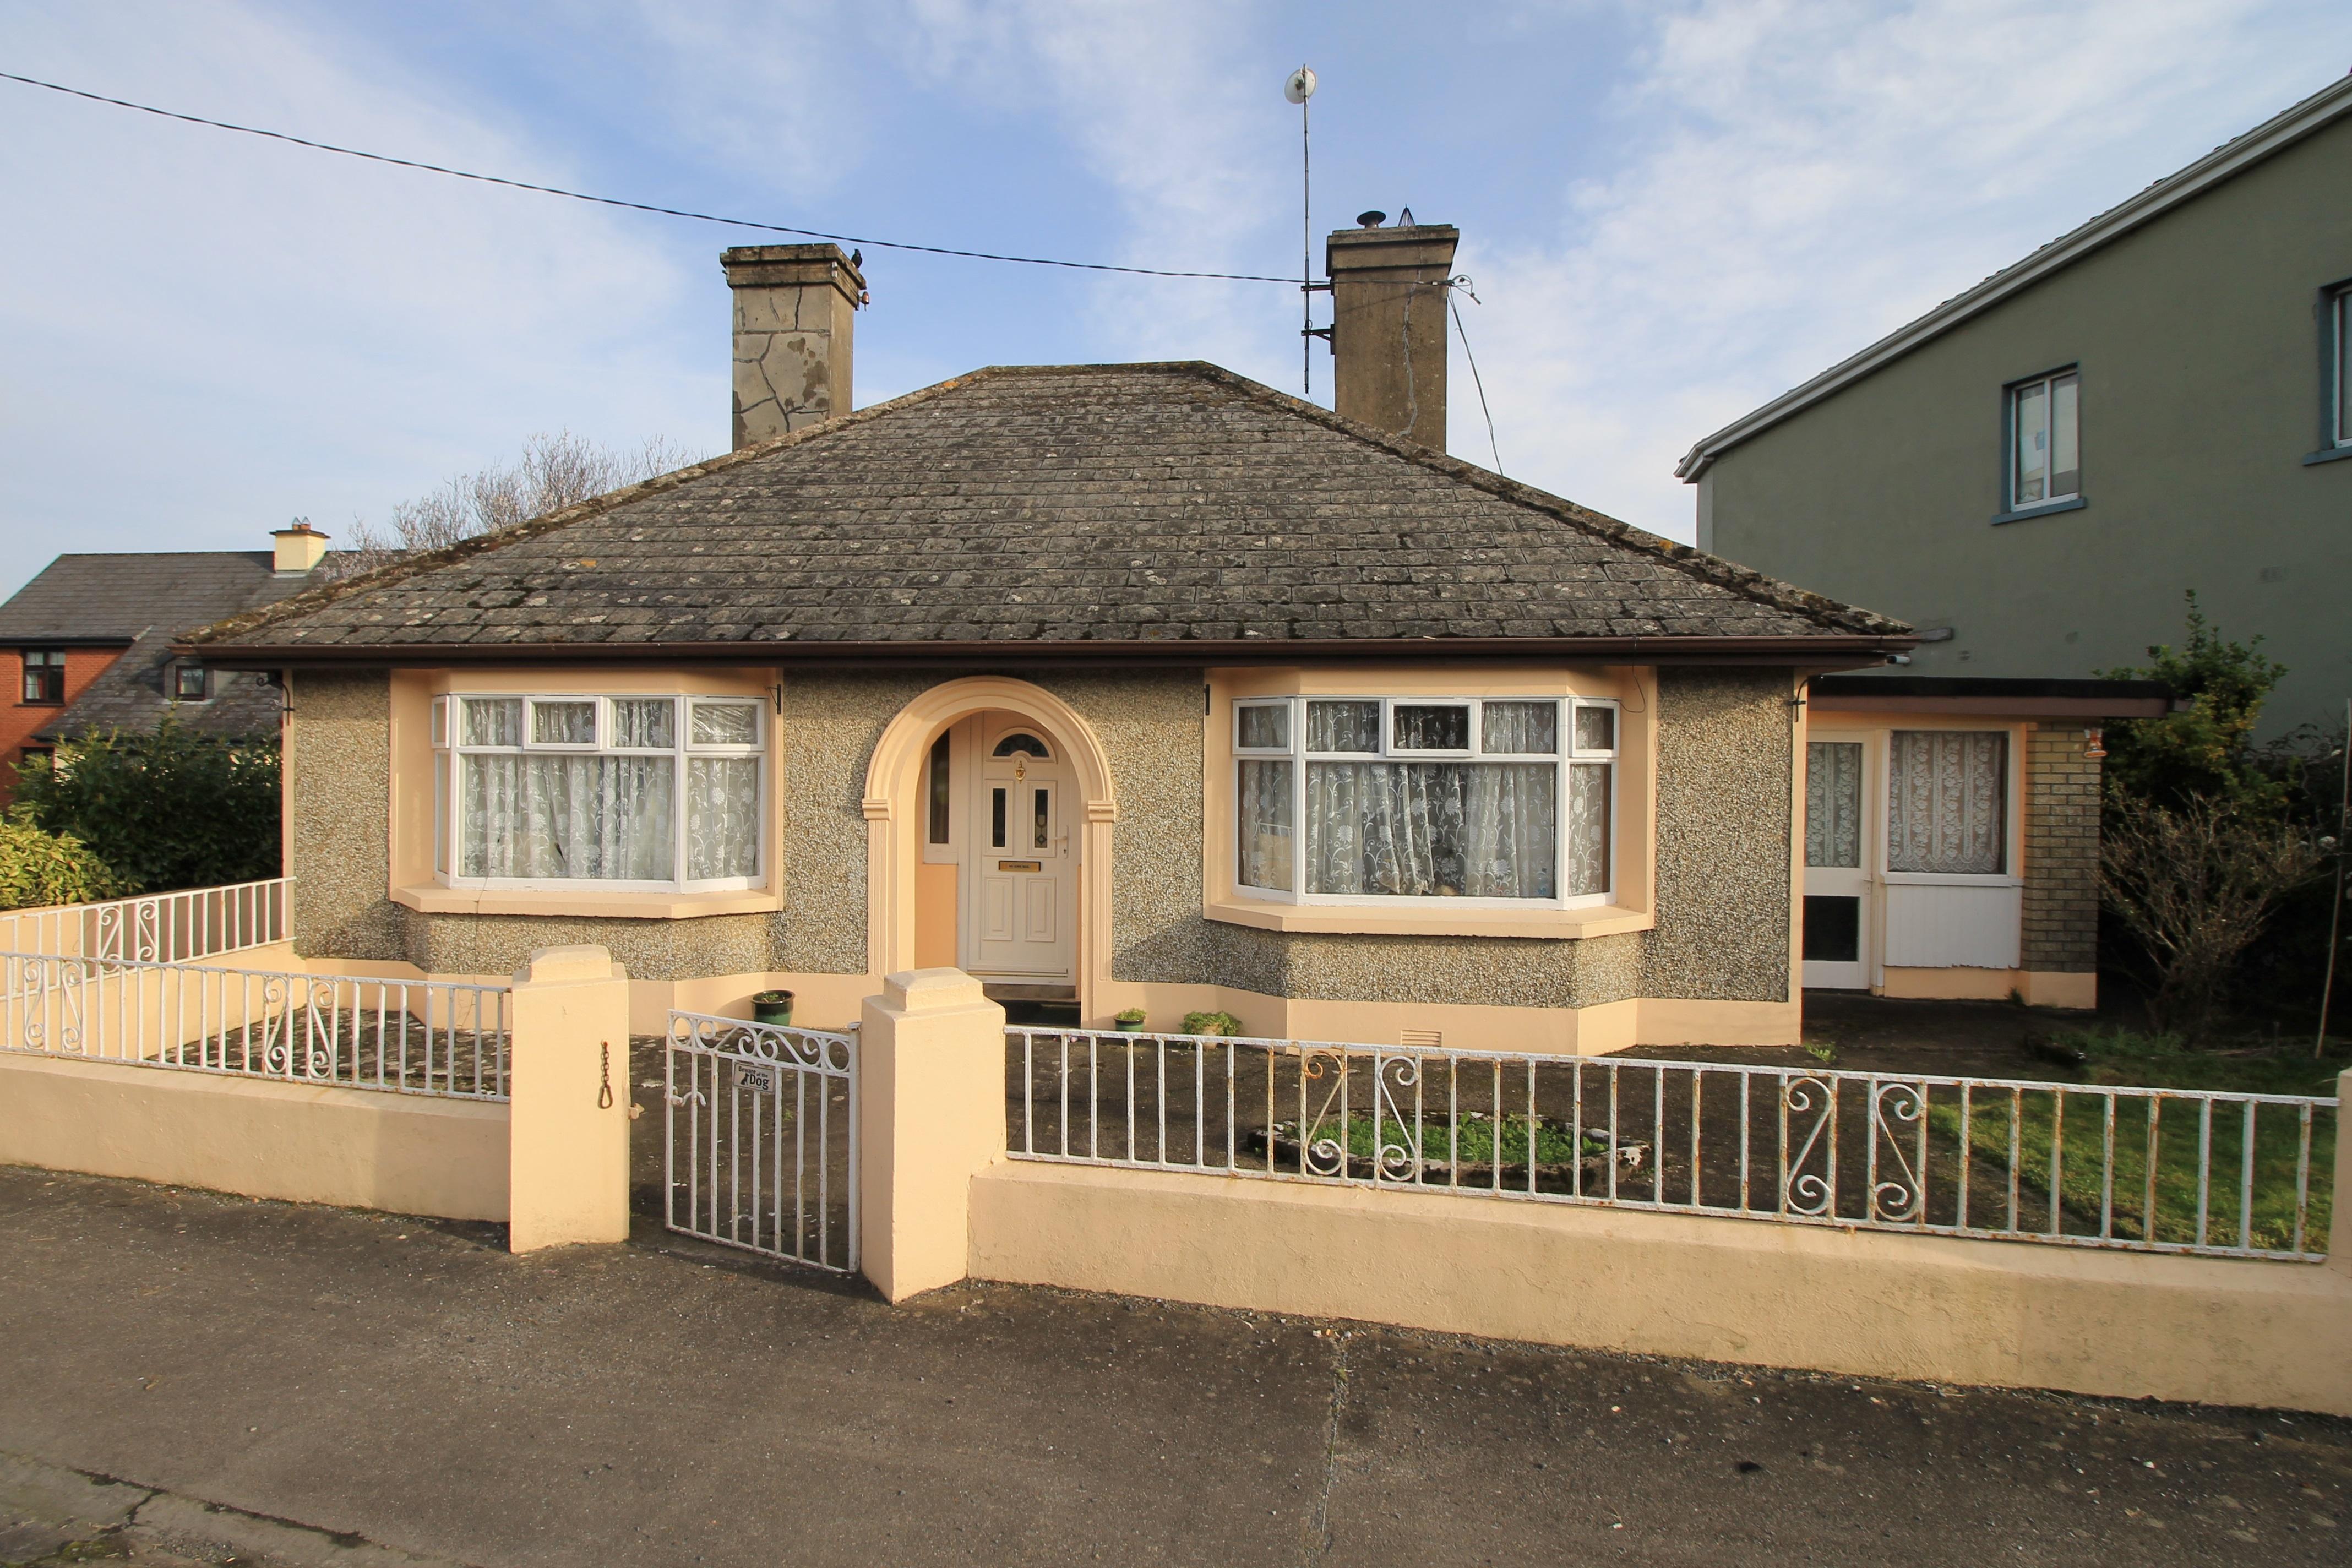 'The Bungalow' Garranmore, Pallasgreen, Co. Limerick